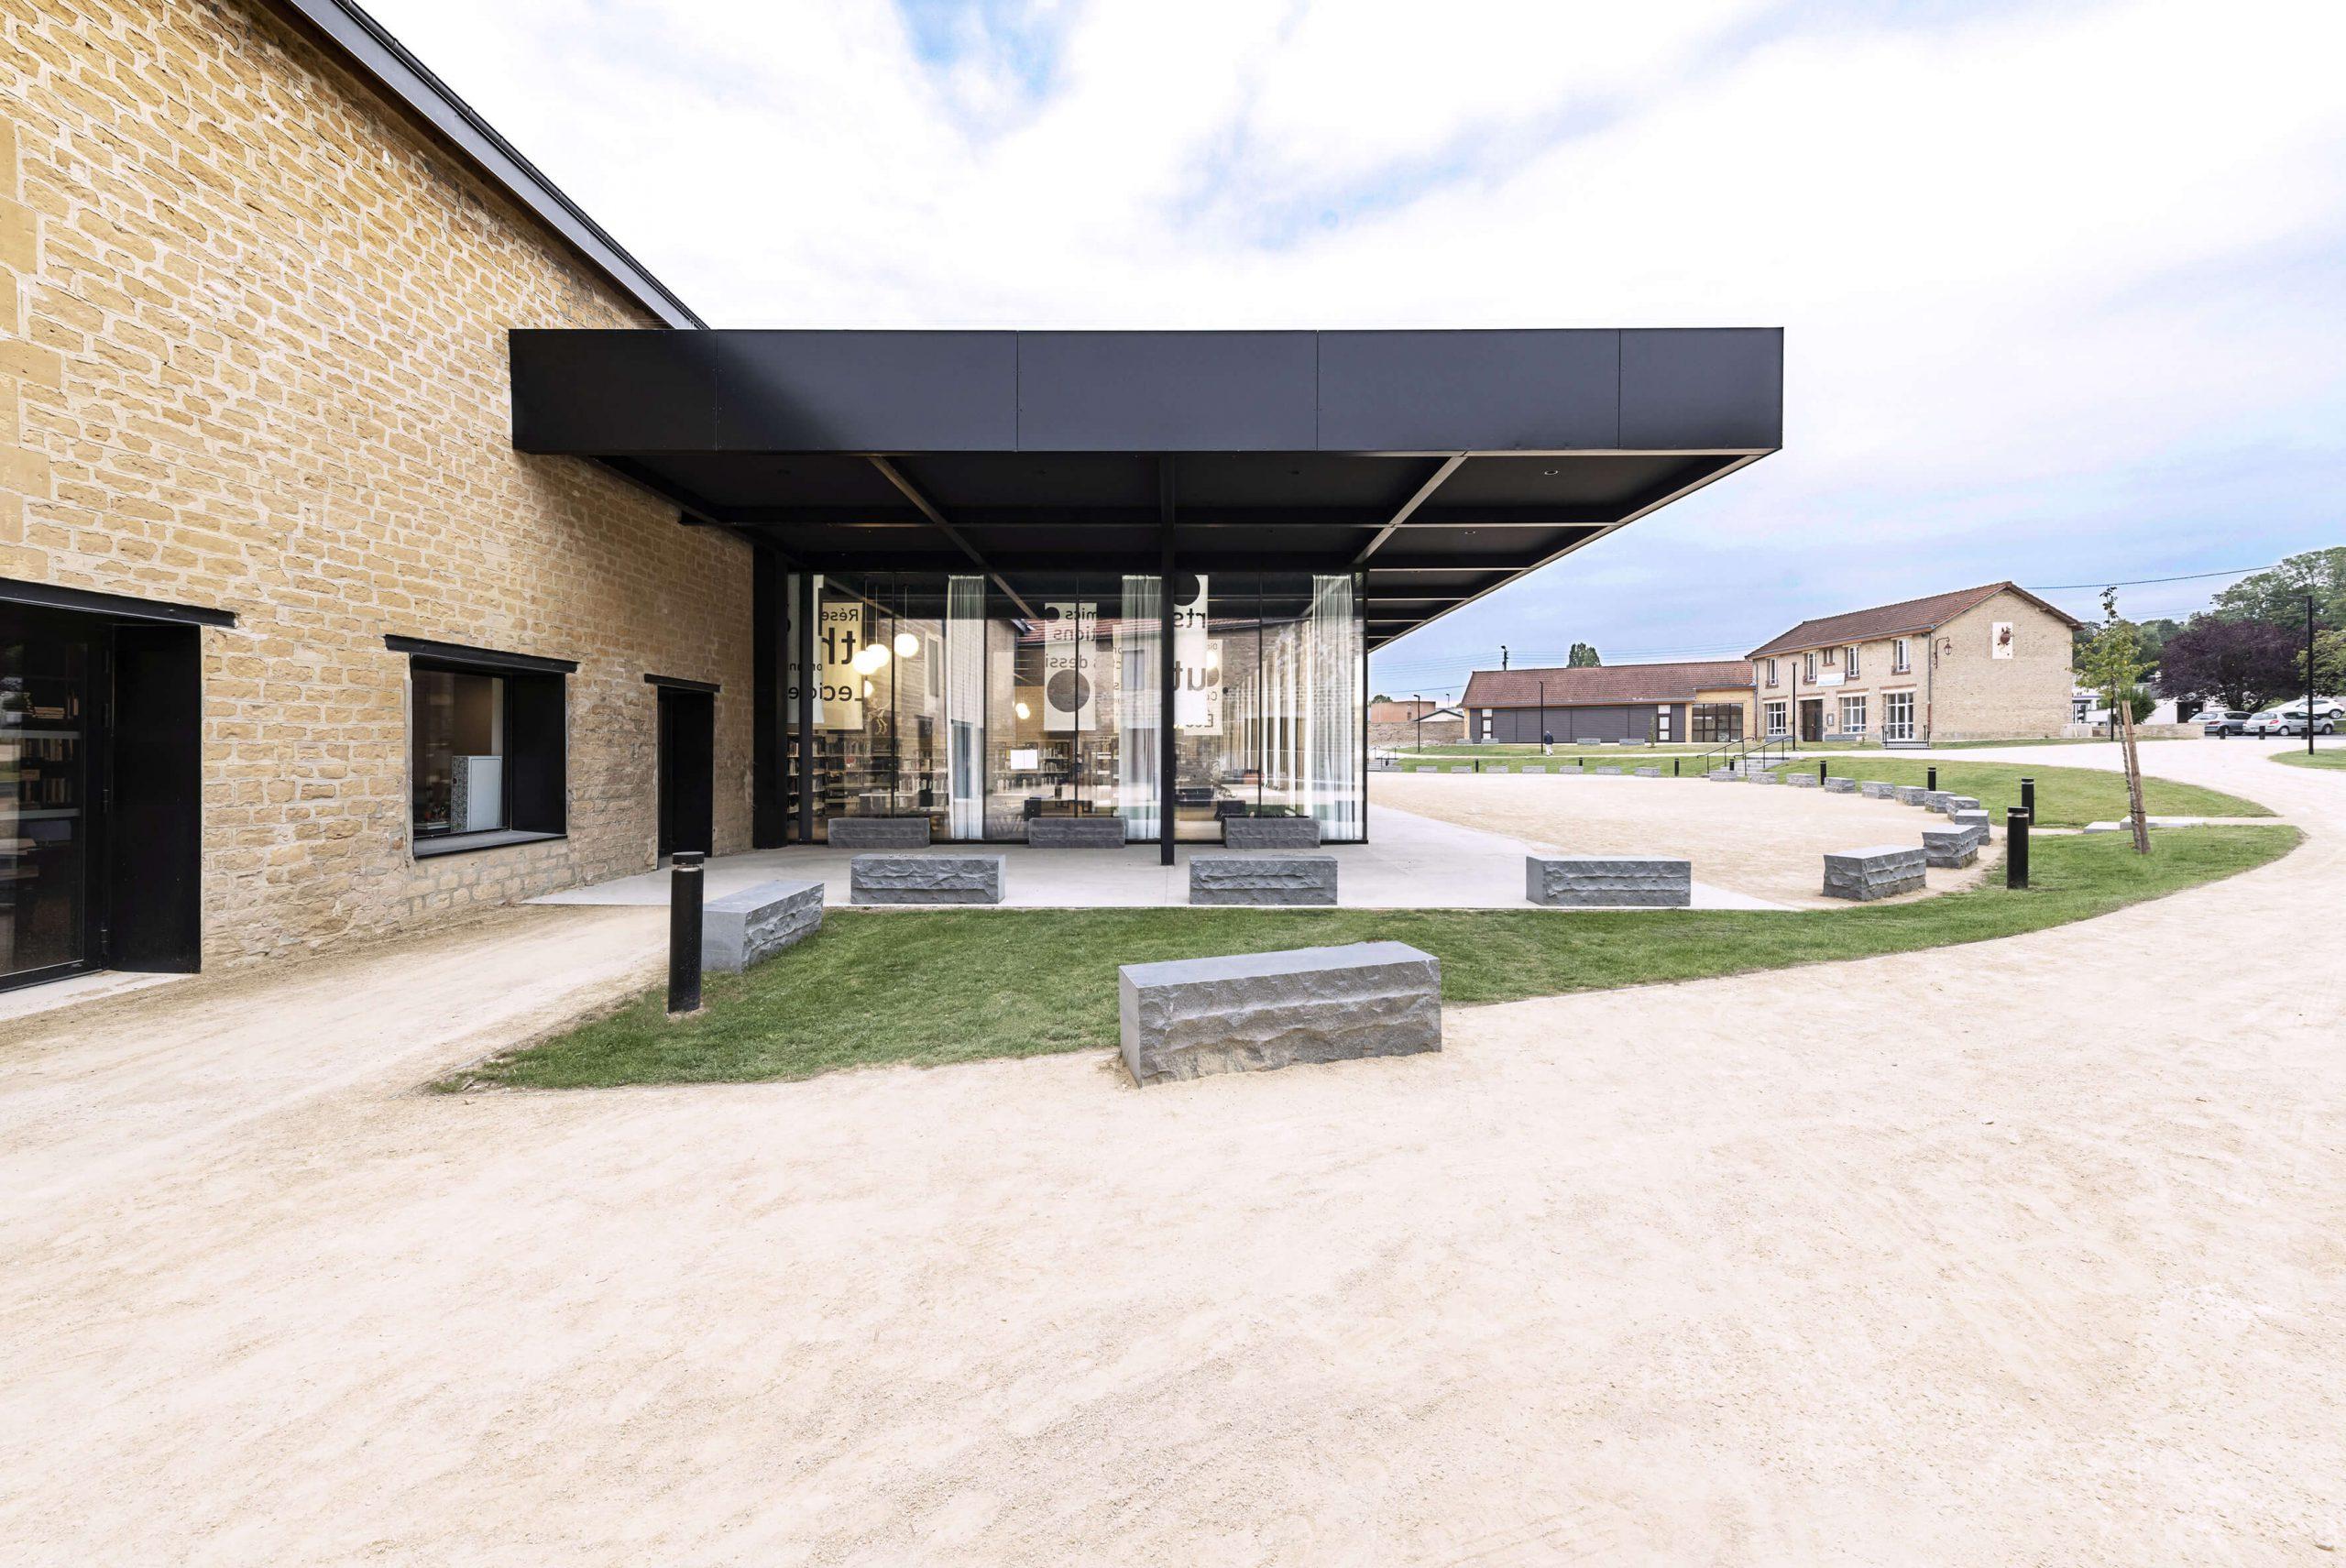 Médiathèque-musée L'Agora – Rethel (08) – 2018